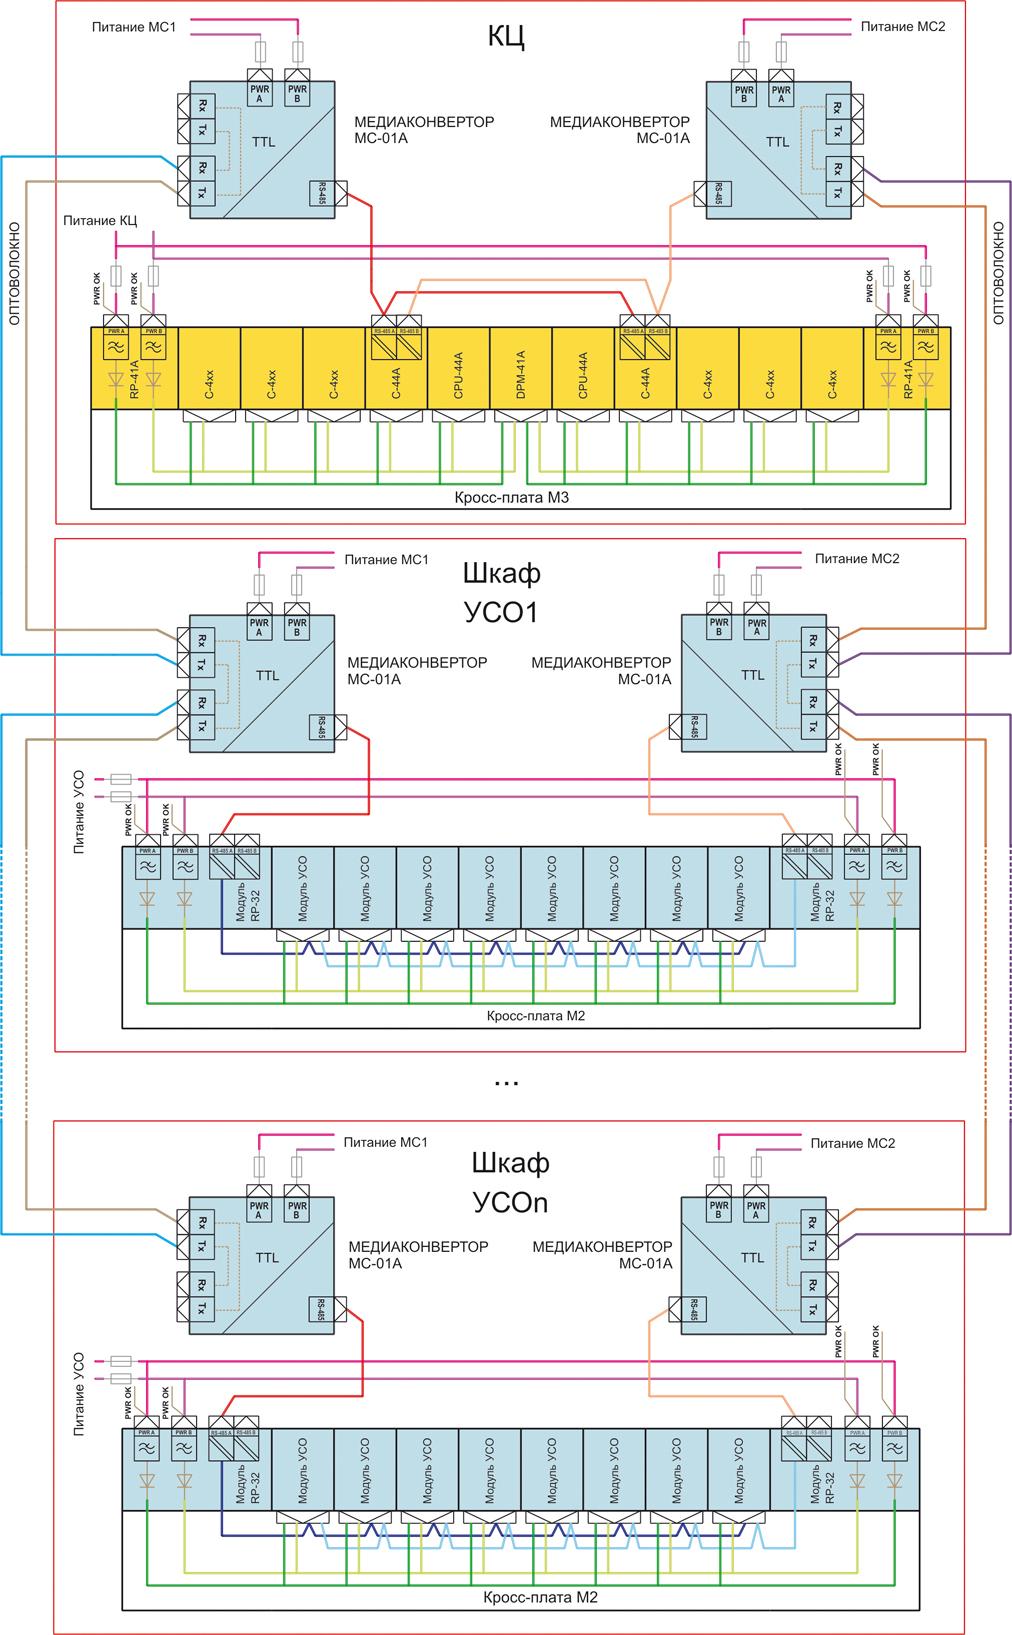 Топология сети контроллеров «резервированная шина»